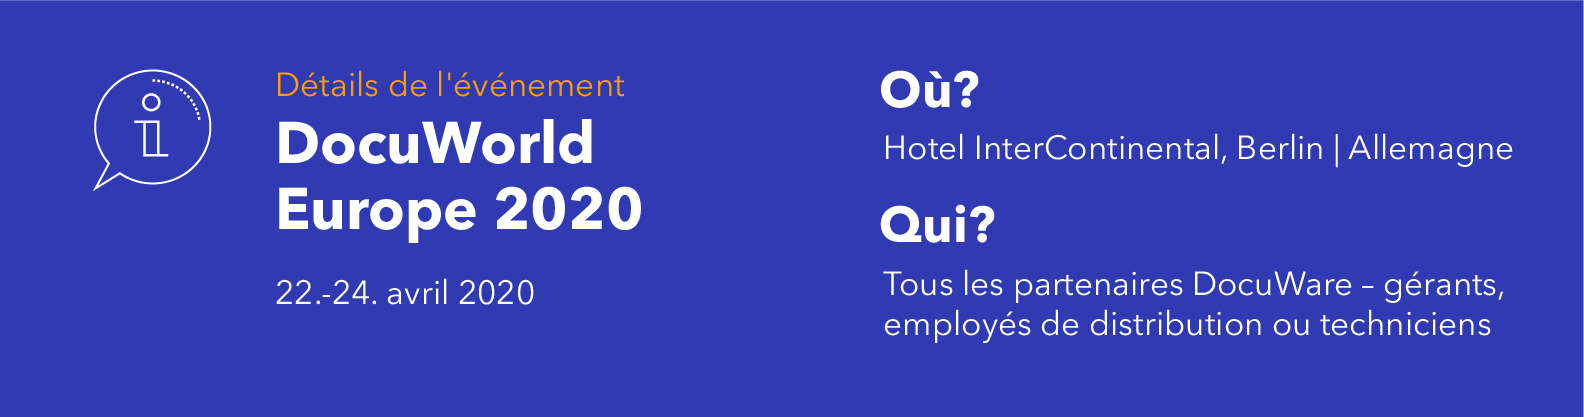 DocuWorld Europe 2020: Détails de l´événement